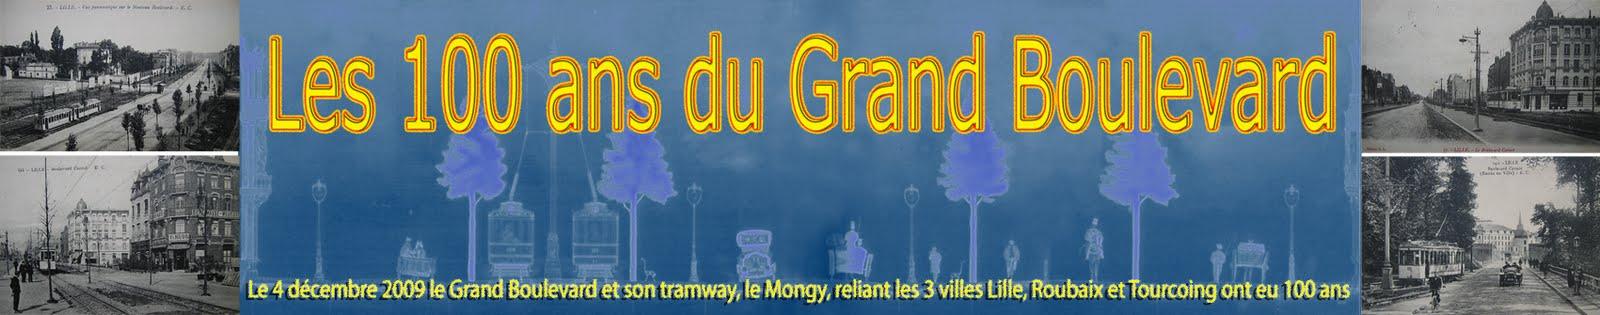 Les 100 ans du Grand Boulevard